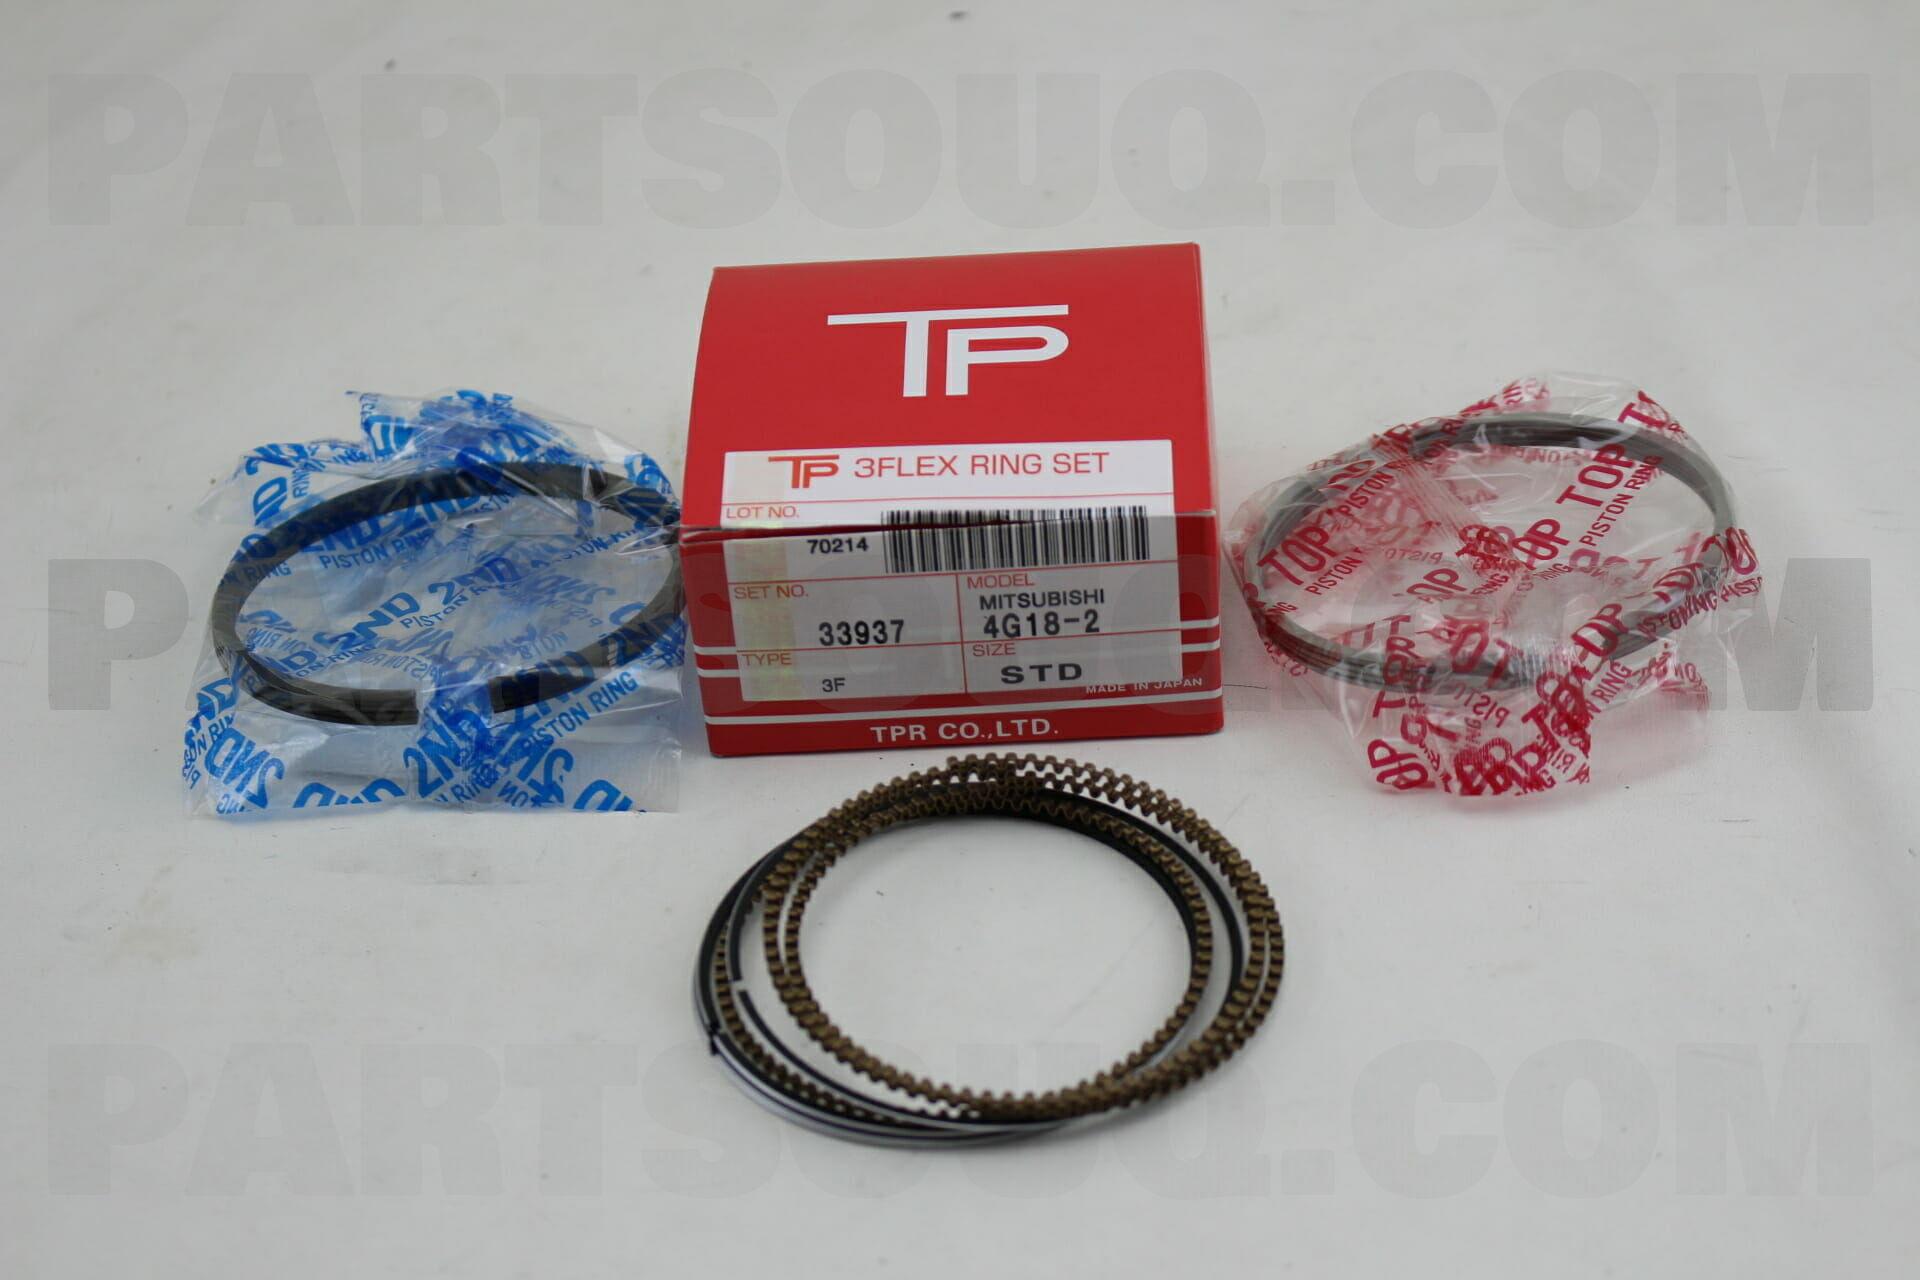 MD361982 Mitsubishi RING SET,PISTON Price: 111 73$, Weight